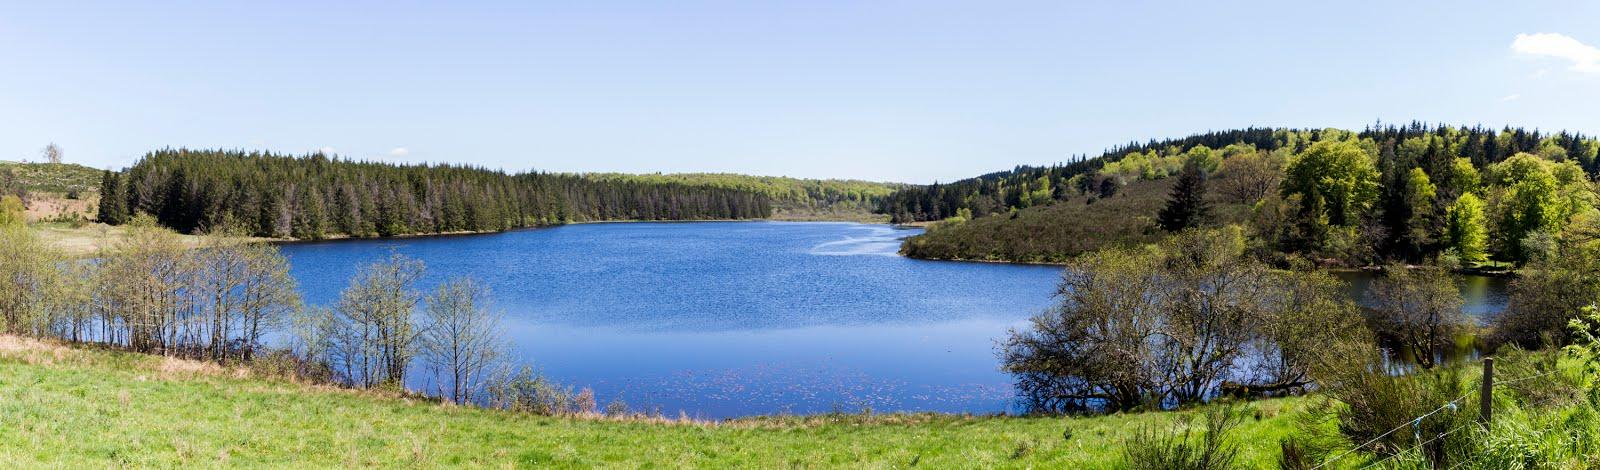 Corrèze étang